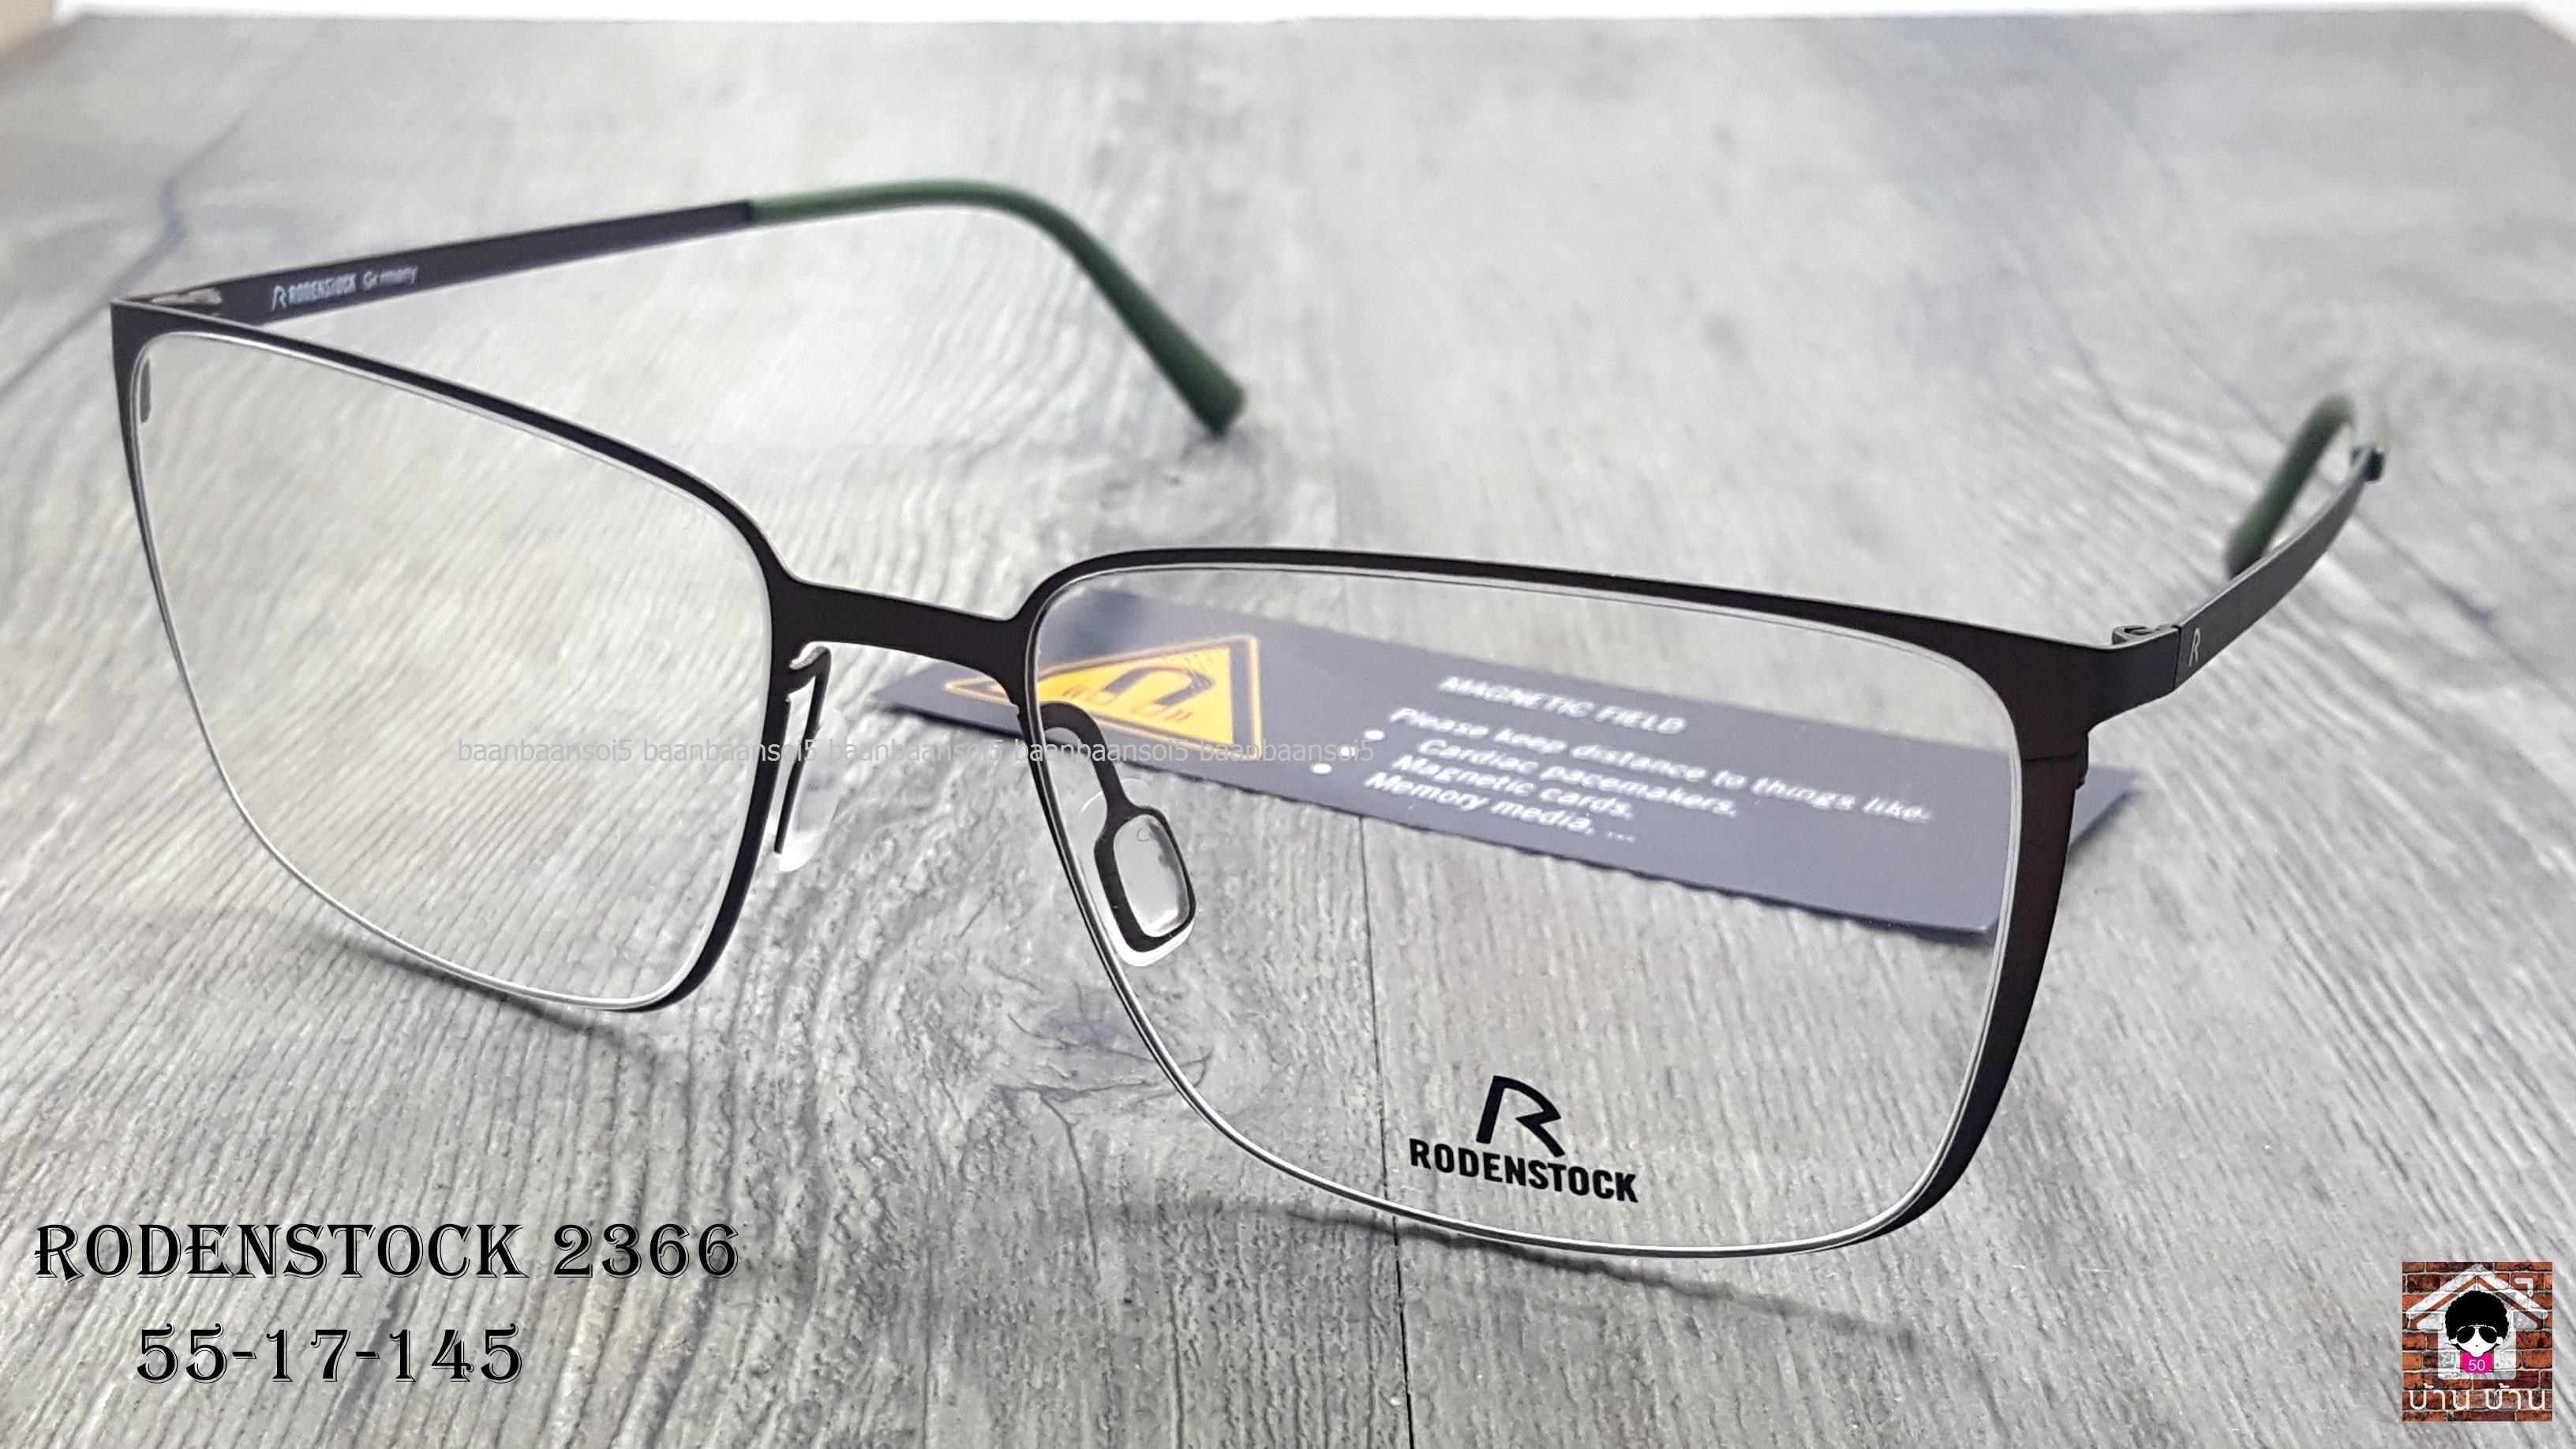 Rodenstock 2366 โปรโมชั่น กรอบแว่นตาพร้อมเลนส์ HOYA ราคา 5,900 บาท